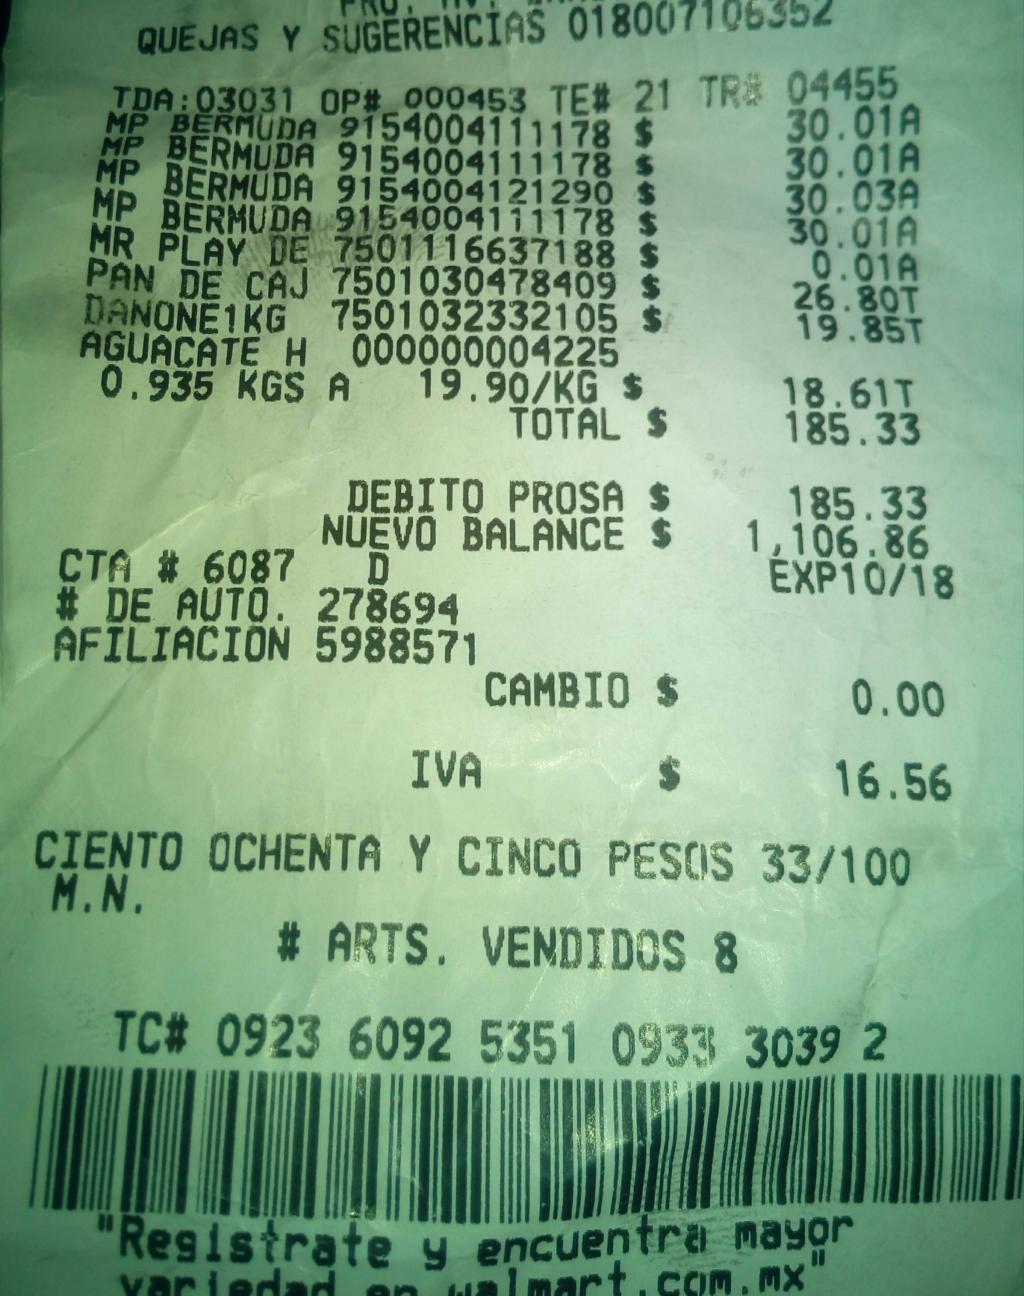 Walmart: playera dunlop $0.01, bermudas $30.01, pantalón $30.01 y mas